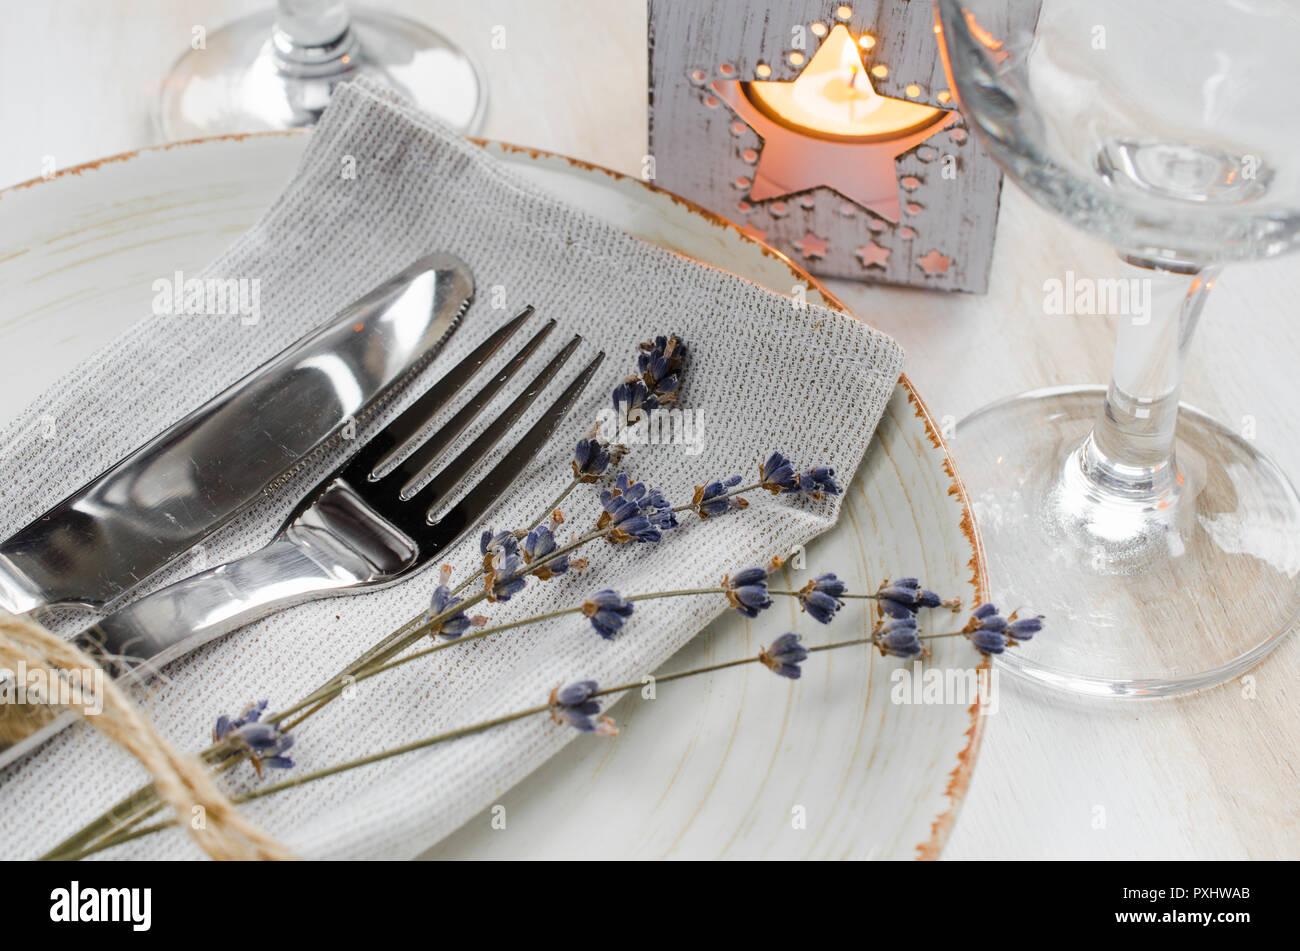 Festliche Tischdekoration Im Vintage Oder Stil Der Provence Mit